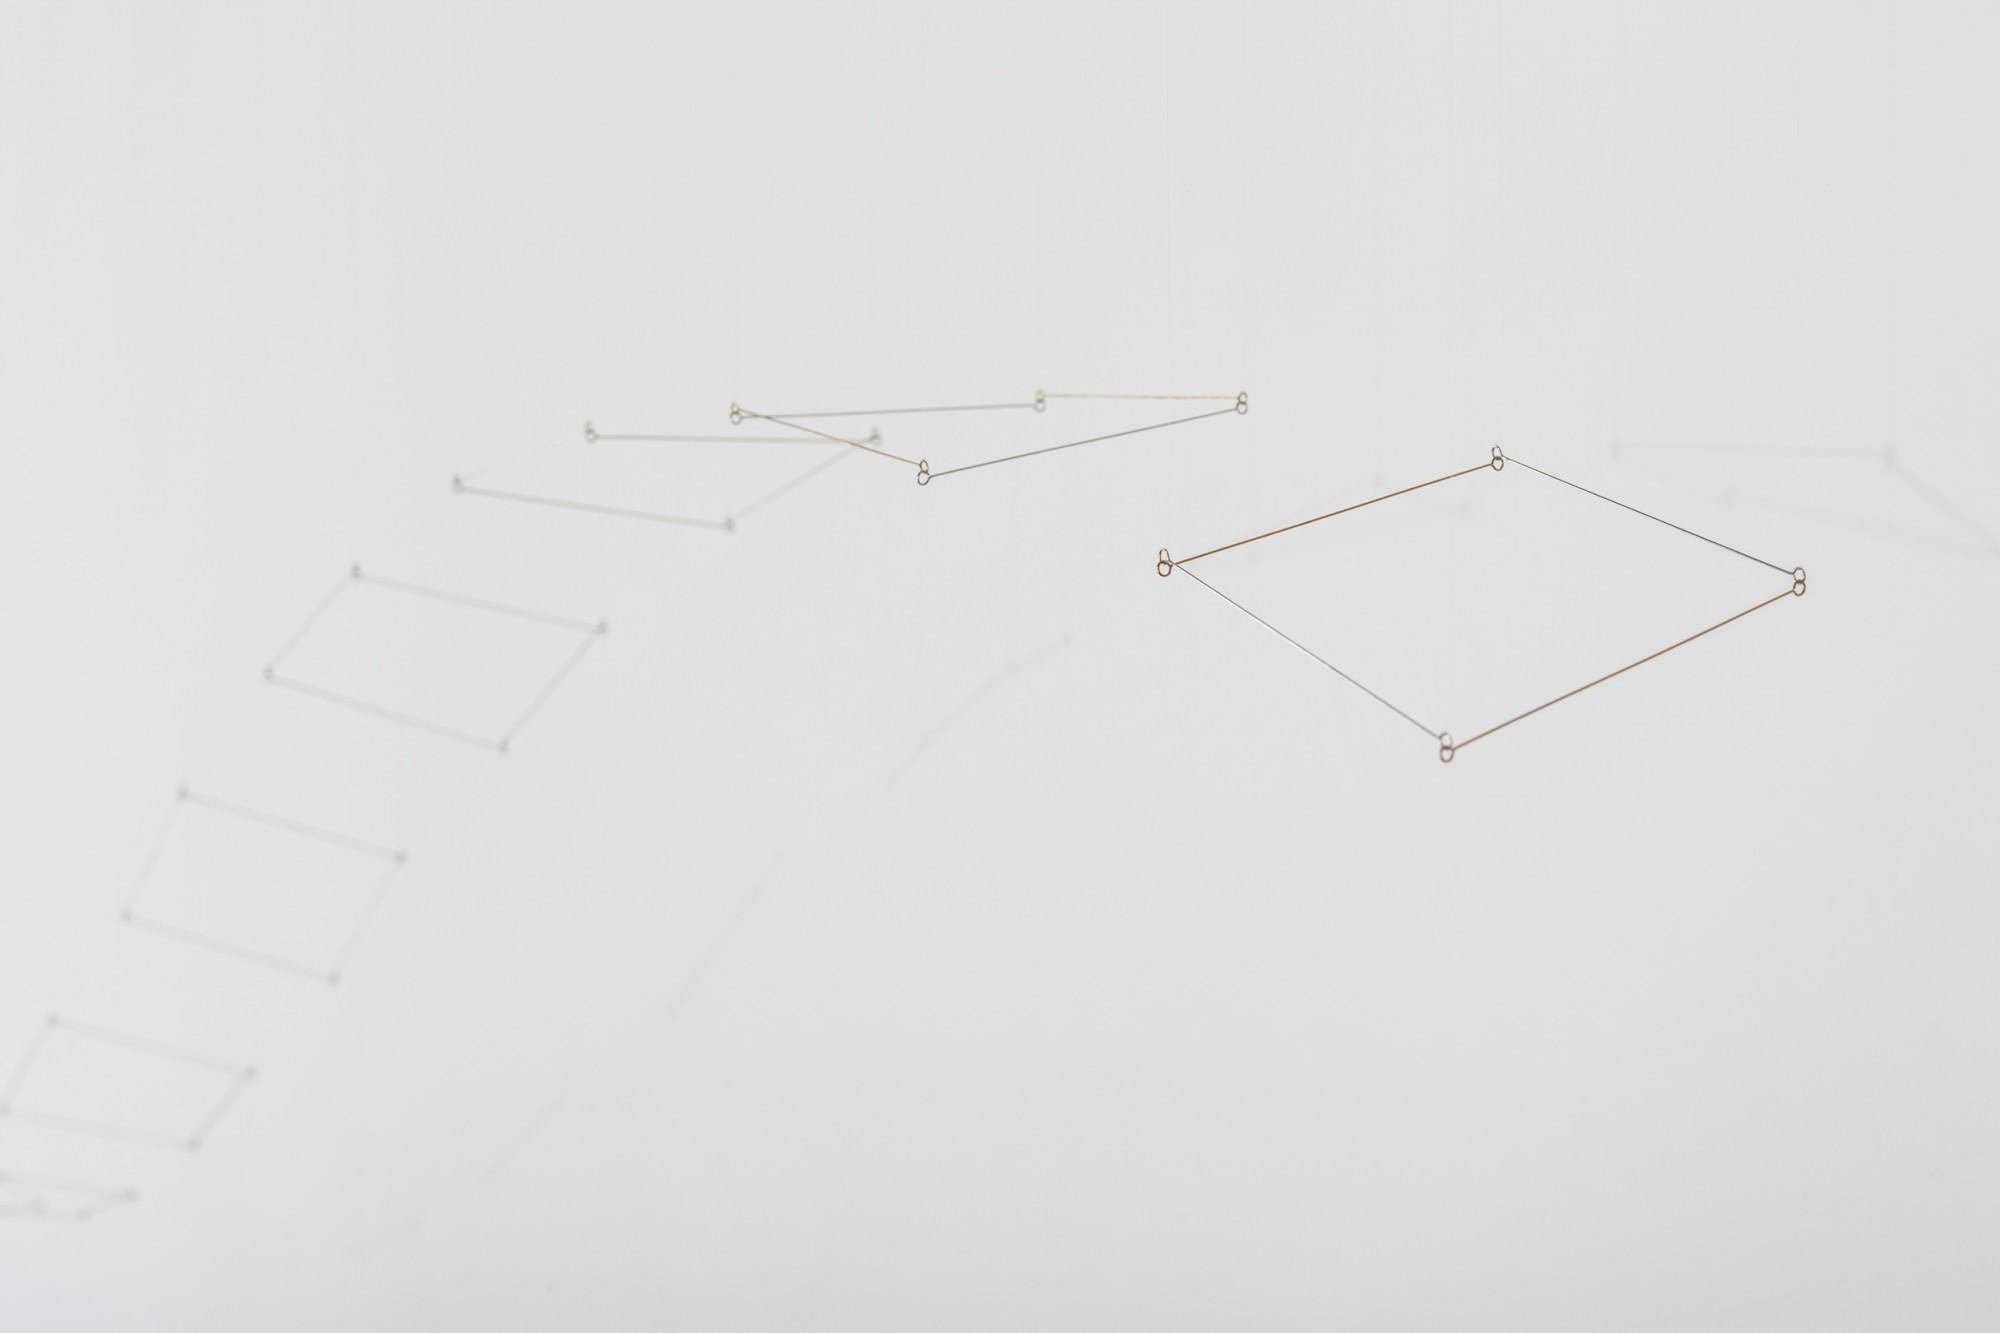 12 planos en l nea tapiz doble 10 elias crespin for Planos en linea